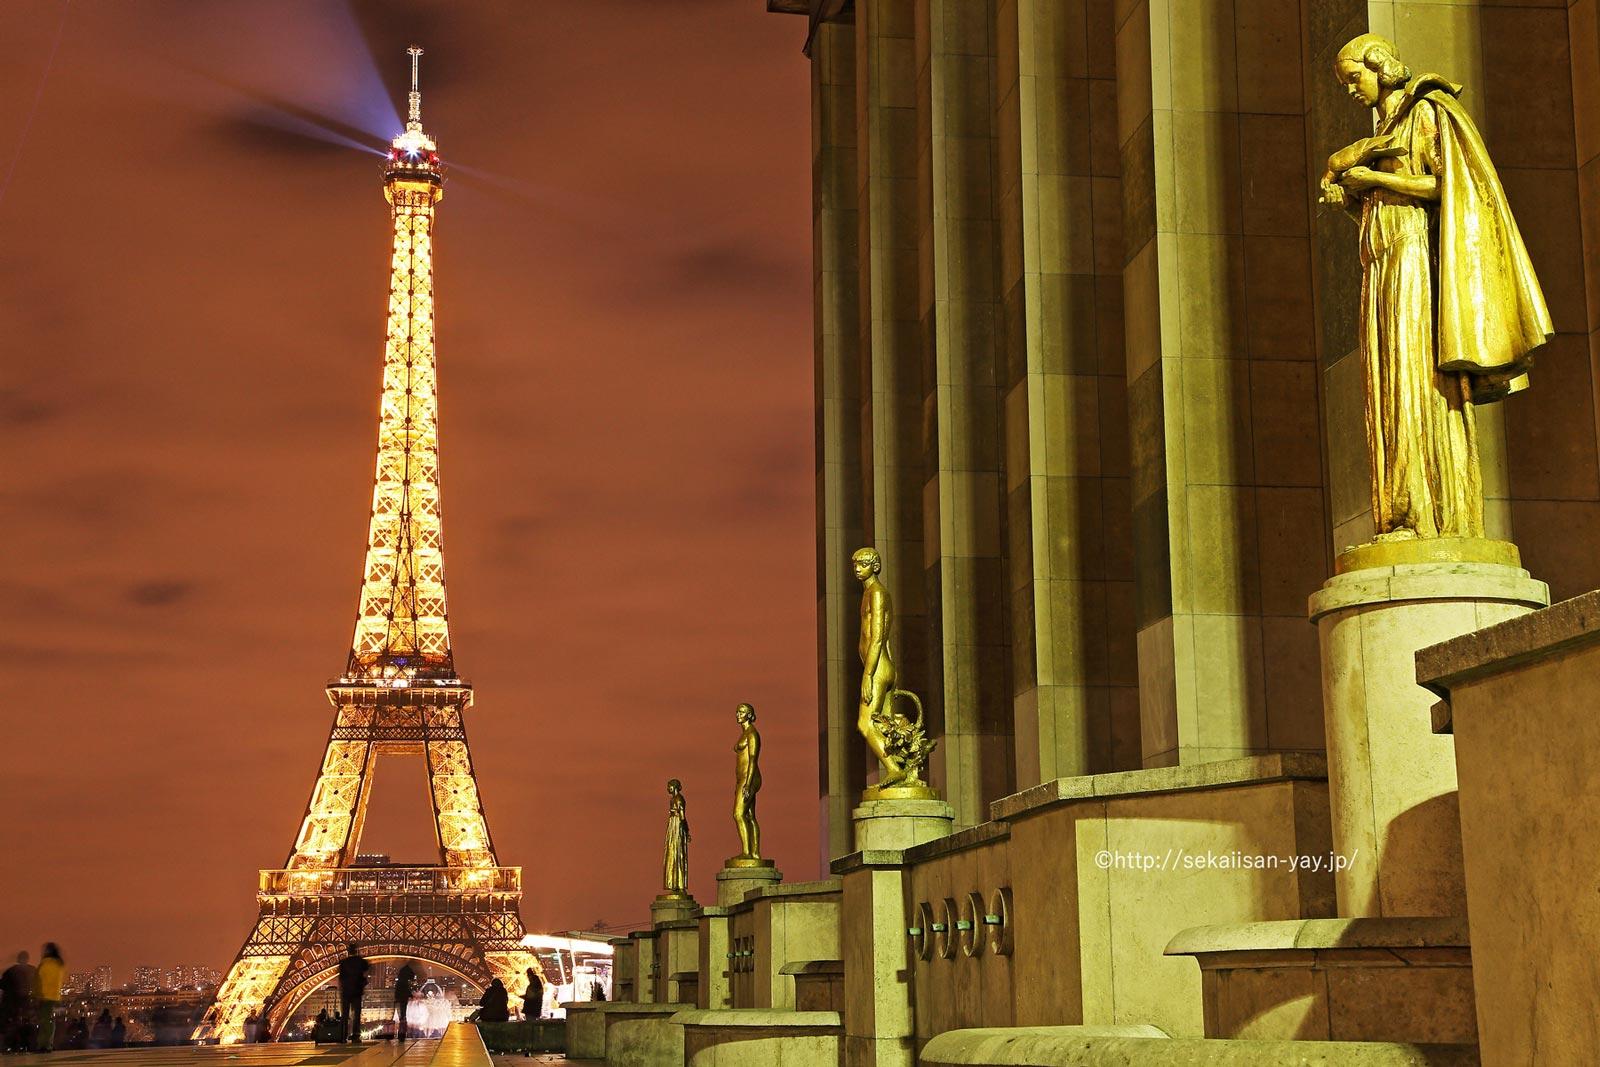 フランス「パリのセーヌ河岸」- エッフェル塔夜景